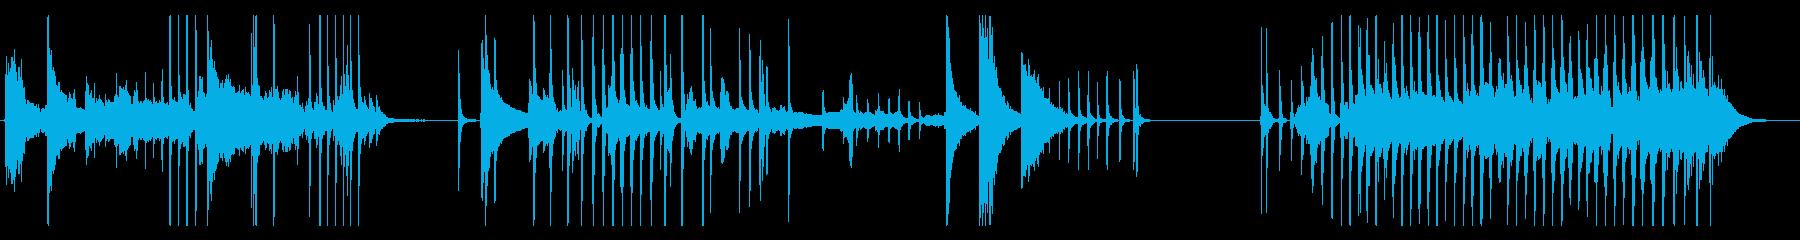 怪談話、怖い系の場面に使えるBGMの再生済みの波形